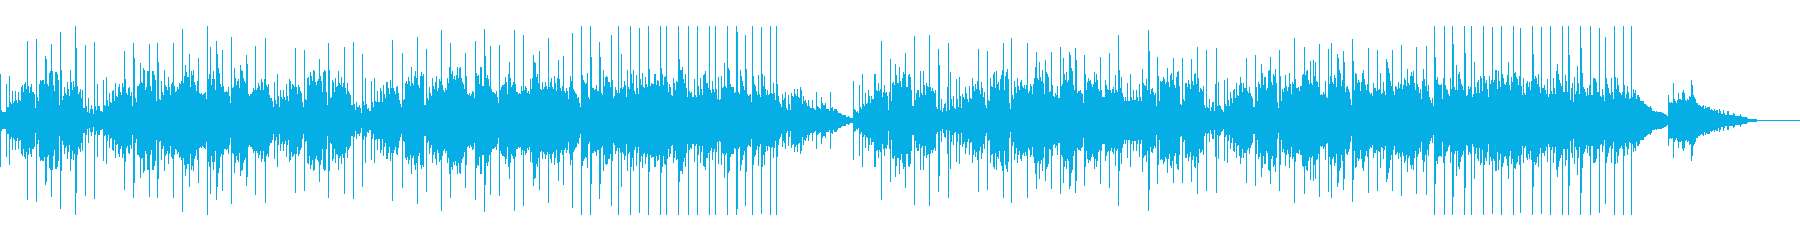 エリーゼのために / ギターとオルゴールの再生済みの波形